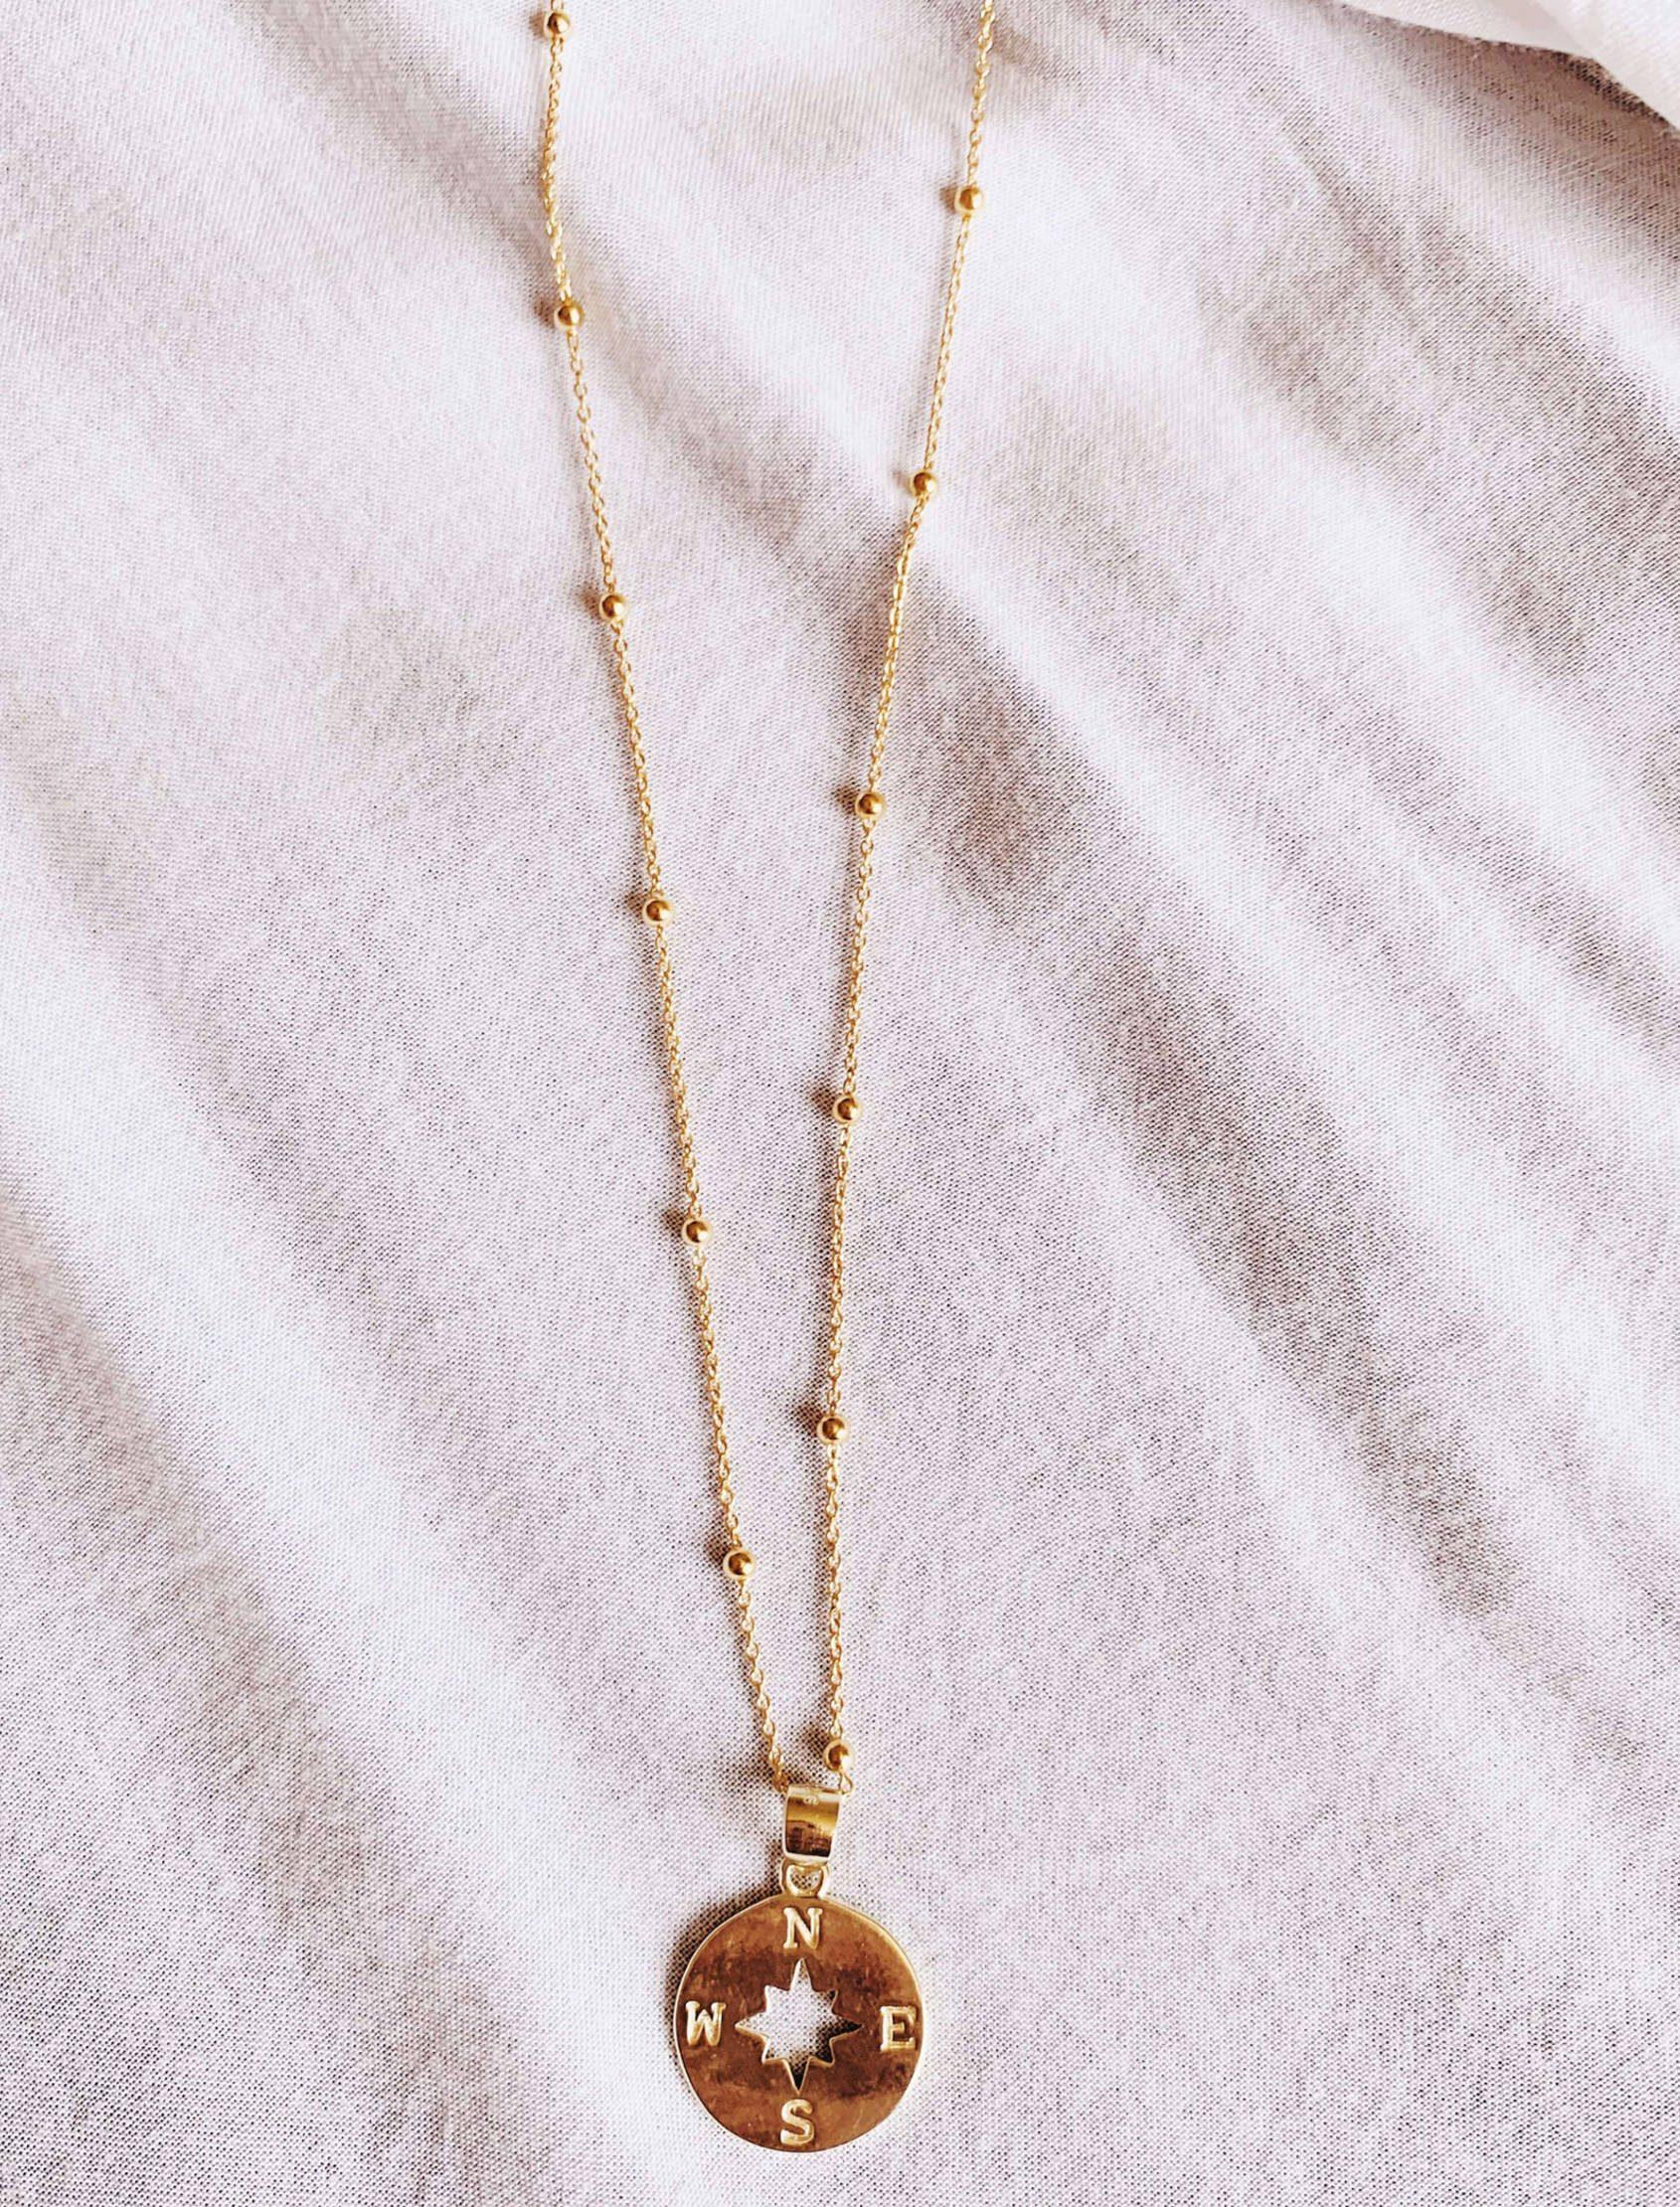 Collar Noa, Maria Cala se inspira en la rosa de los vientos. Cadena con detalle bolitas y medalla puntos cardenales.